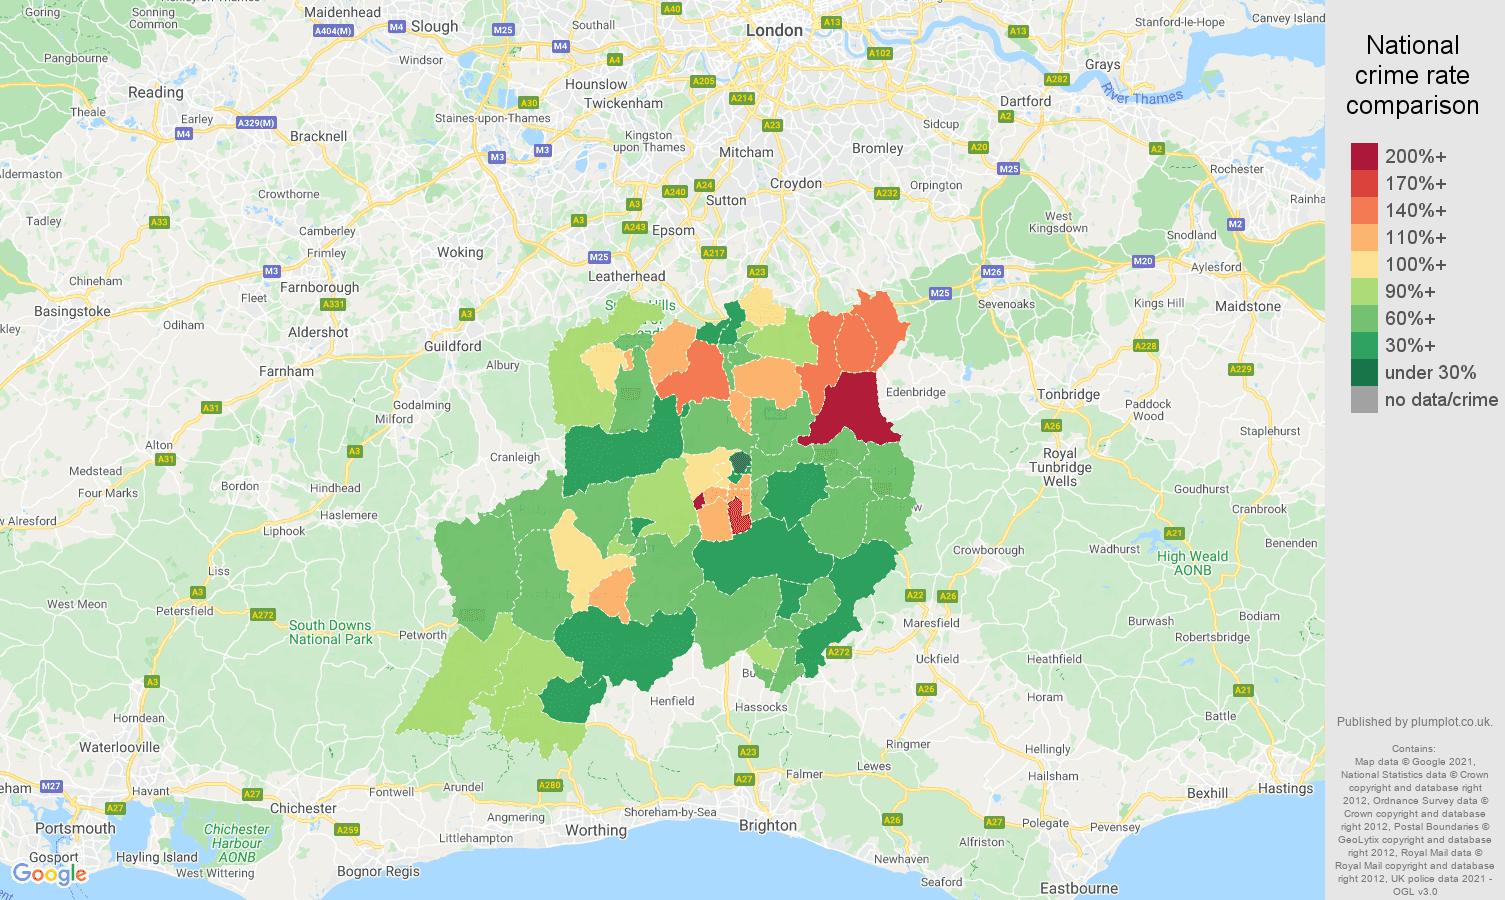 Redhill criminal damage and arson crime rate comparison map